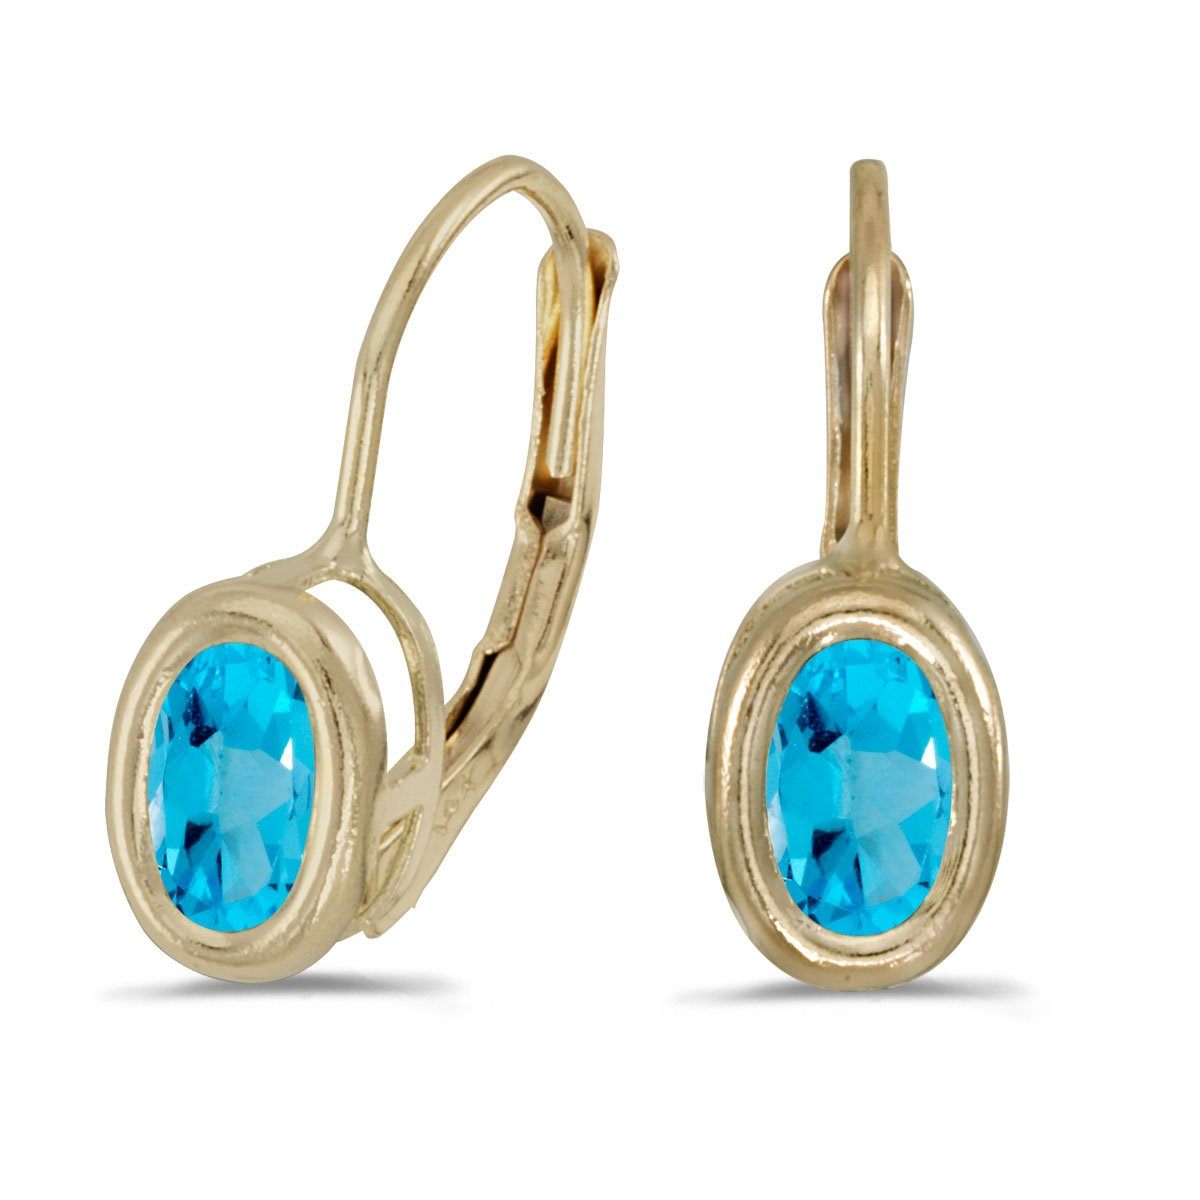 Jewels By Lux 14k Yellow Gold Studs Oval Gemstone Bezel Lever-back Earrings